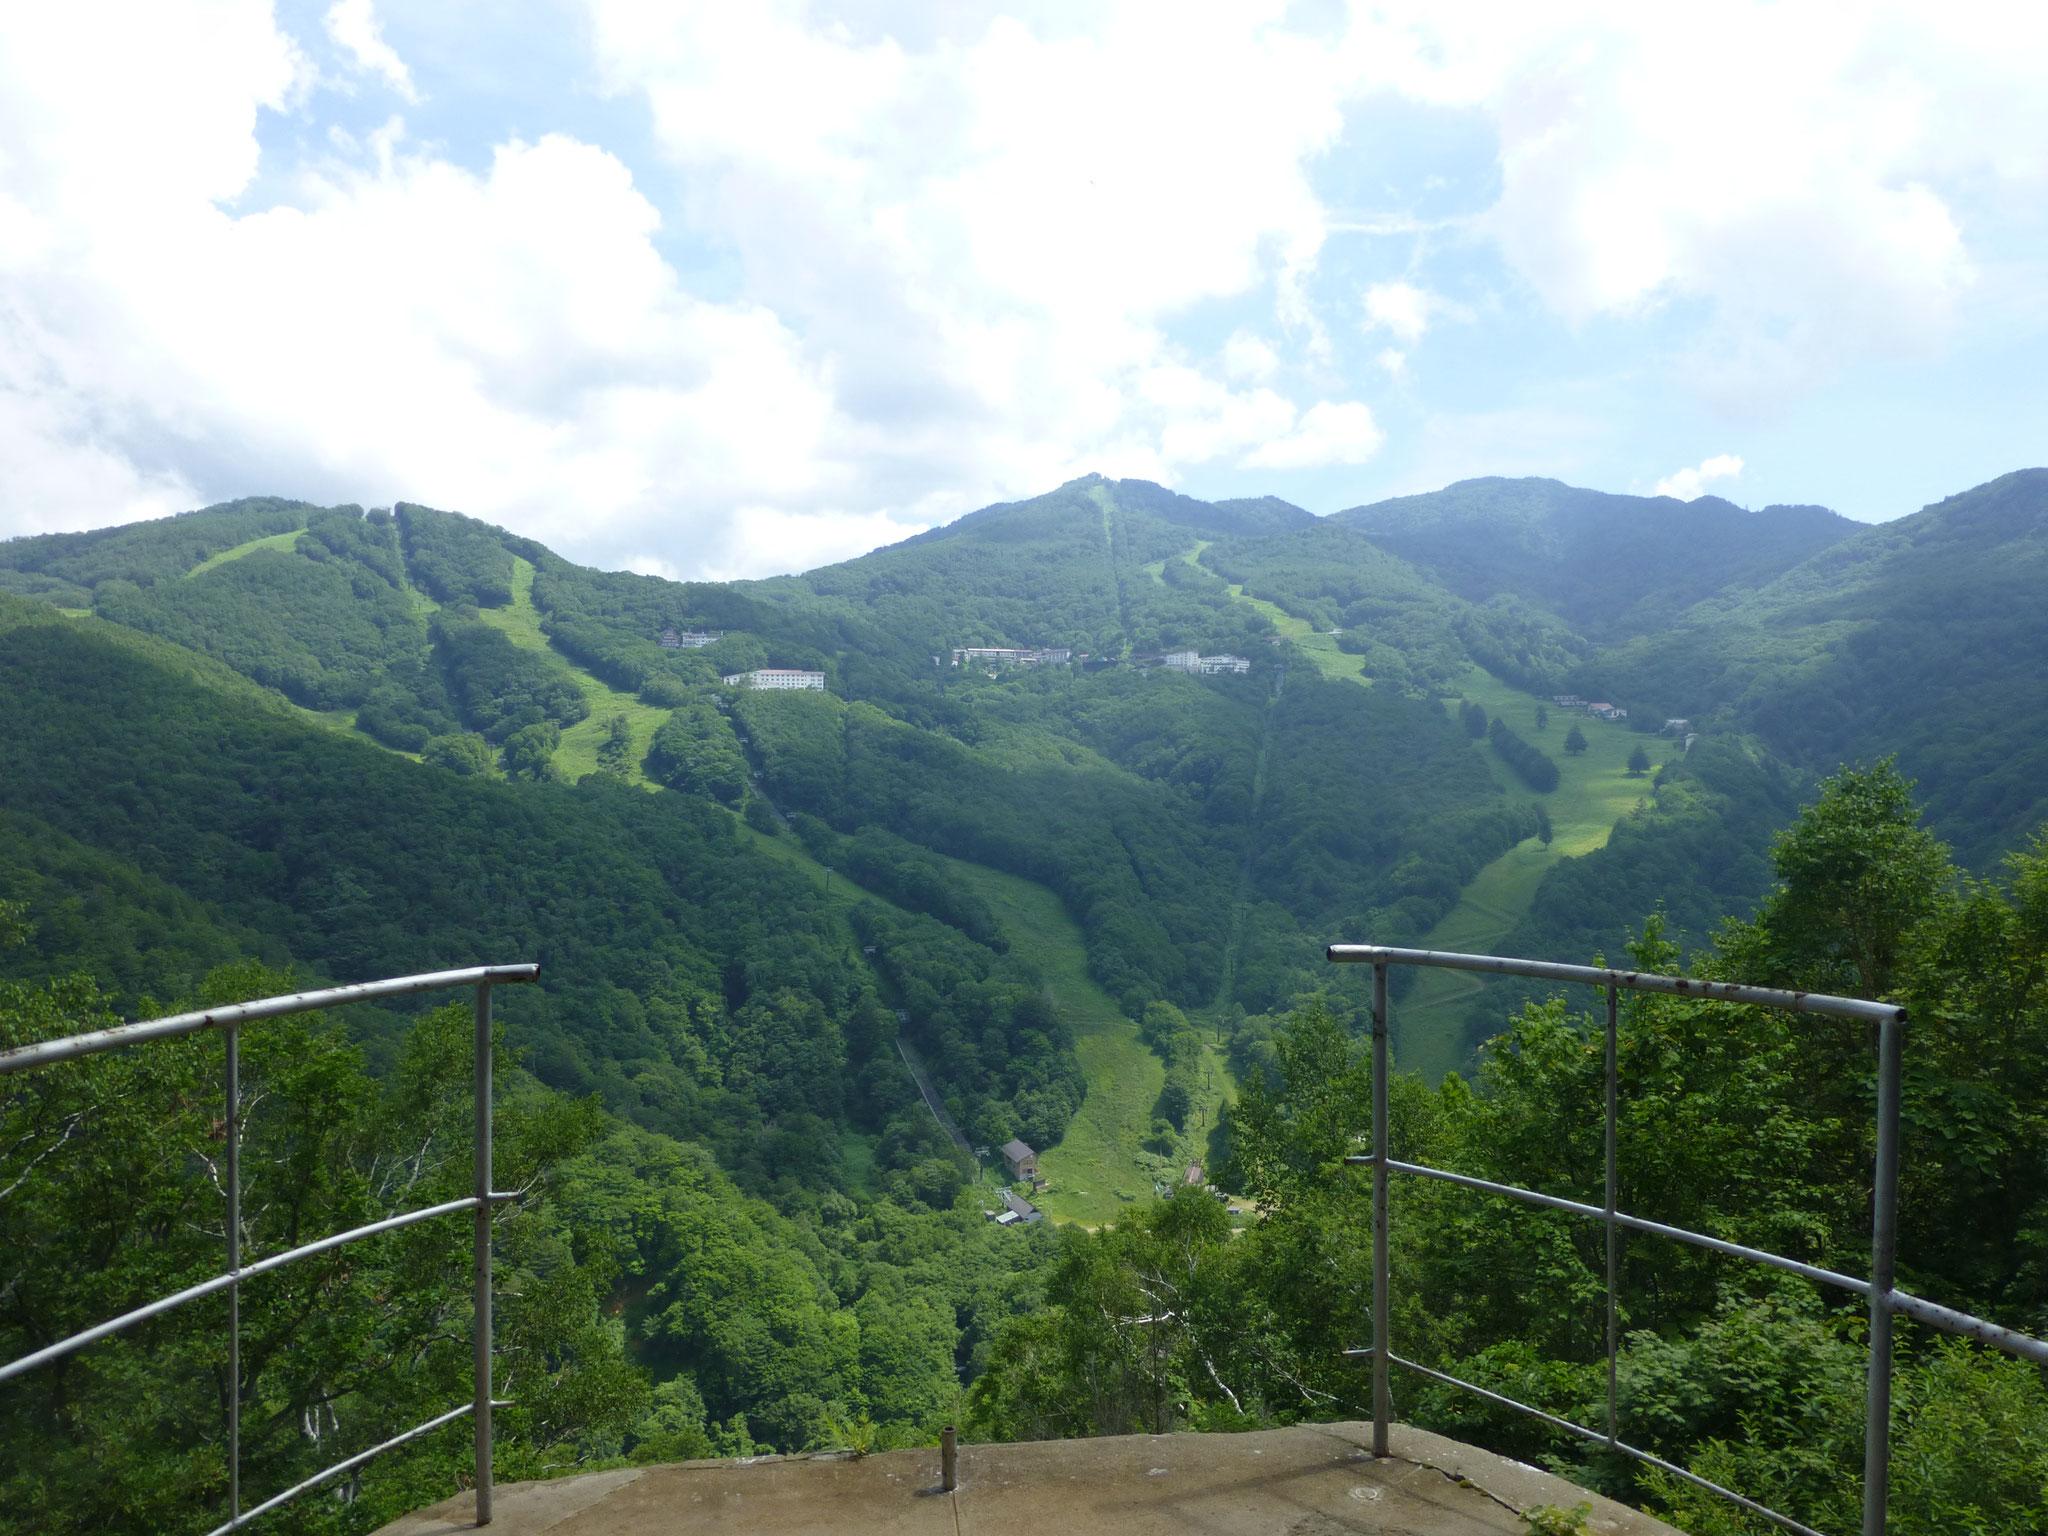 志賀高原蓮池の山の駅